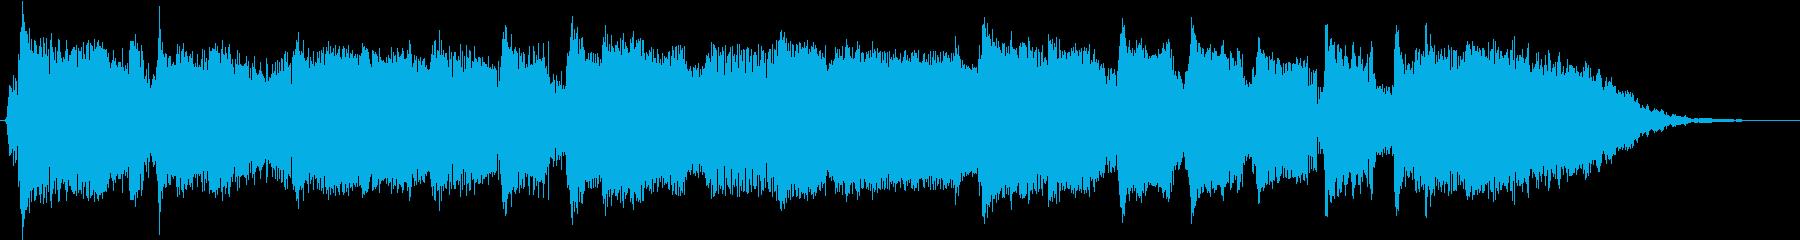 ジングル のどかなハーモニカの再生済みの波形